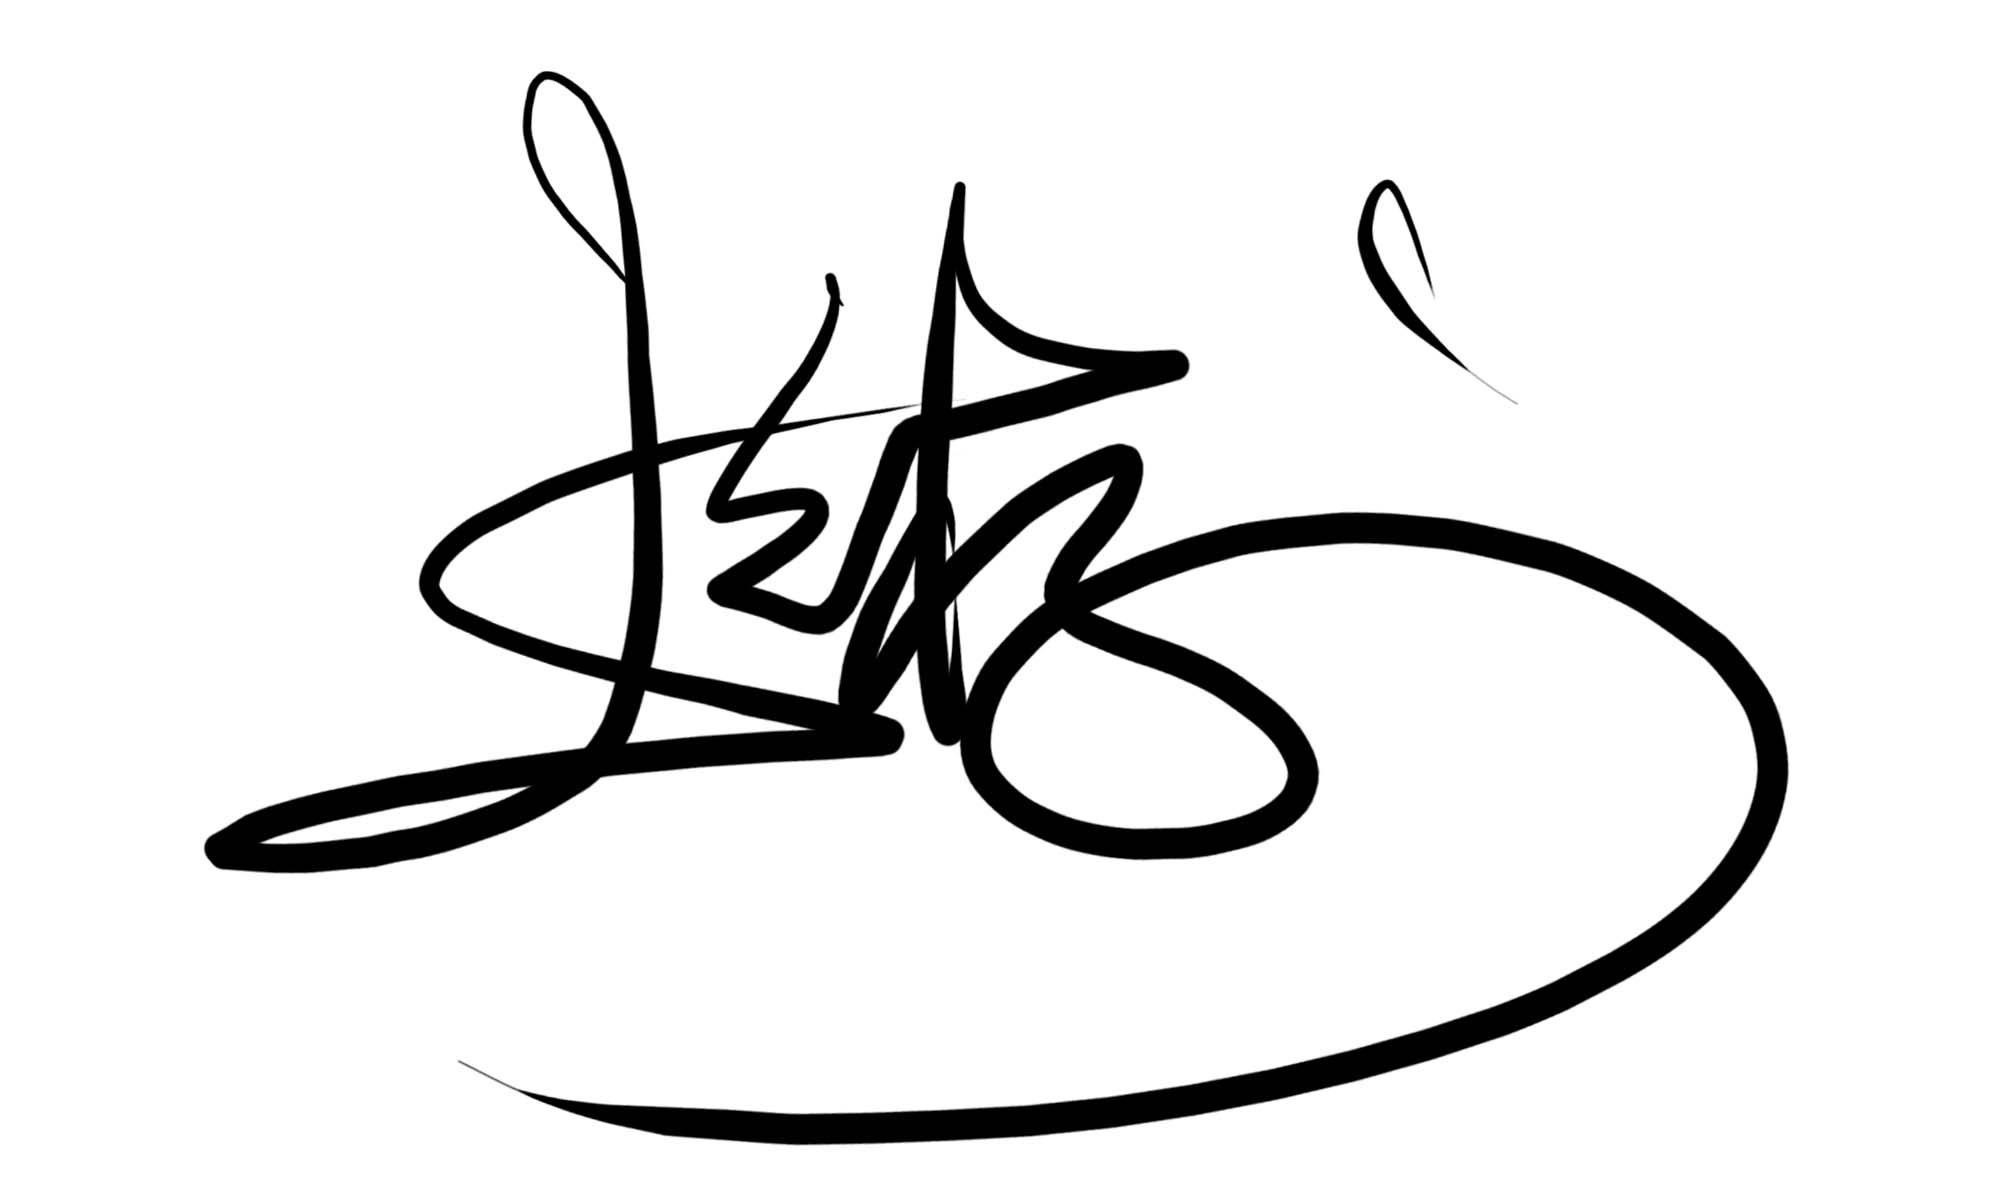 艺术签名设计大师进,求设计签名!图片